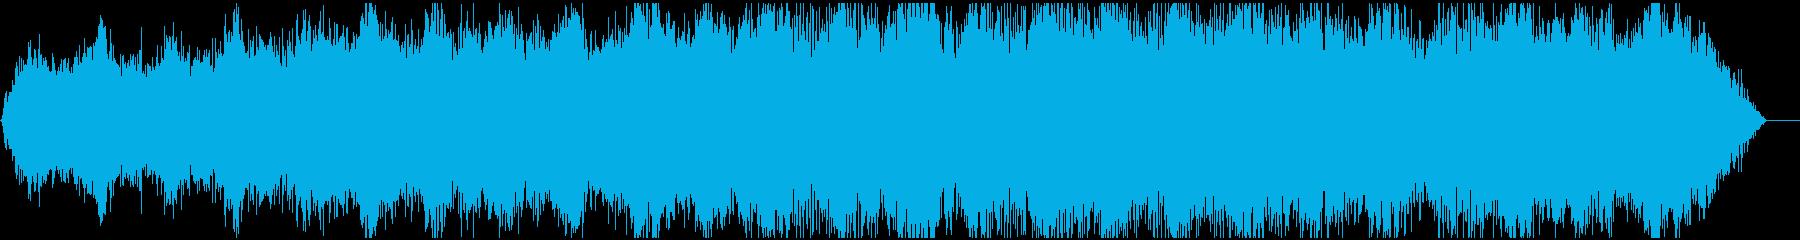 再現VTR▼夢の中、幻覚のシーン Aの再生済みの波形